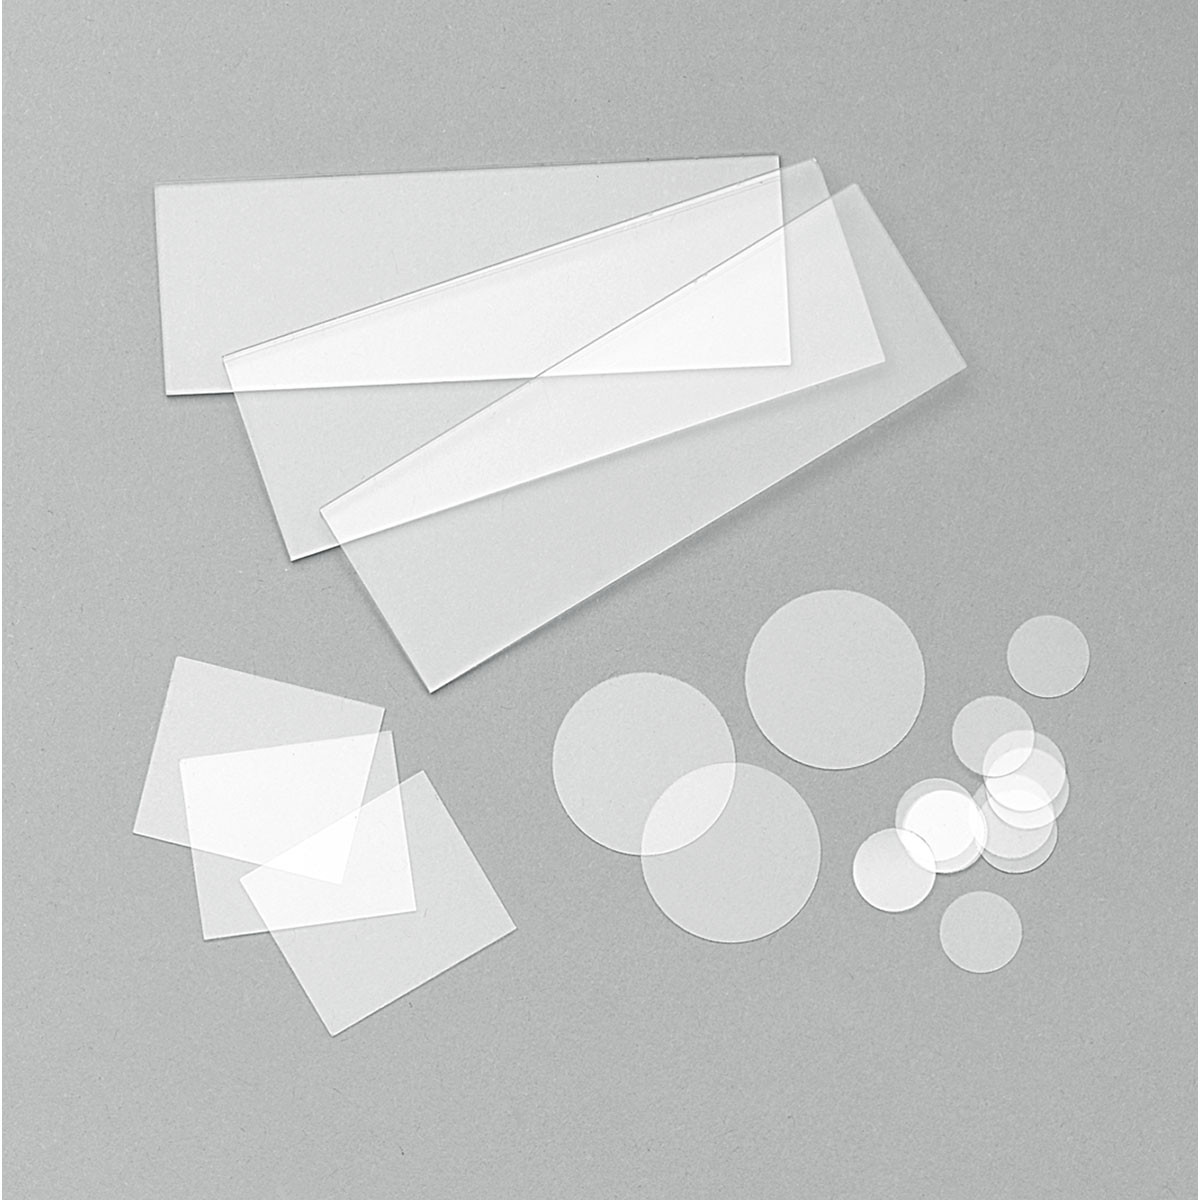 Microscope Slides 76x26mm, 1.0-1.2, plain (50/pack)